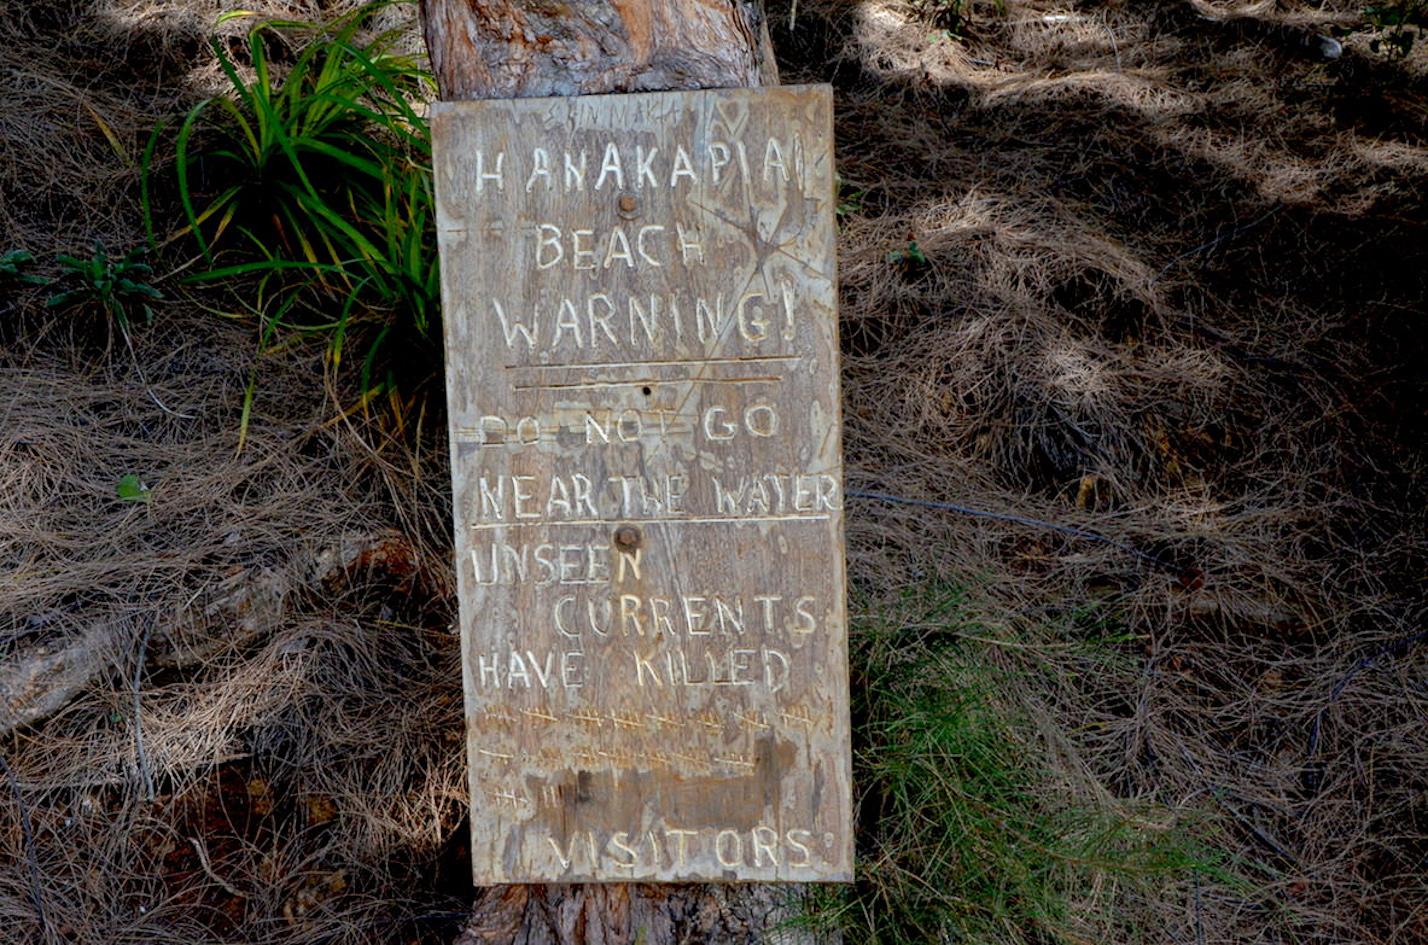 Kanakapiai Beach kauai hawaii